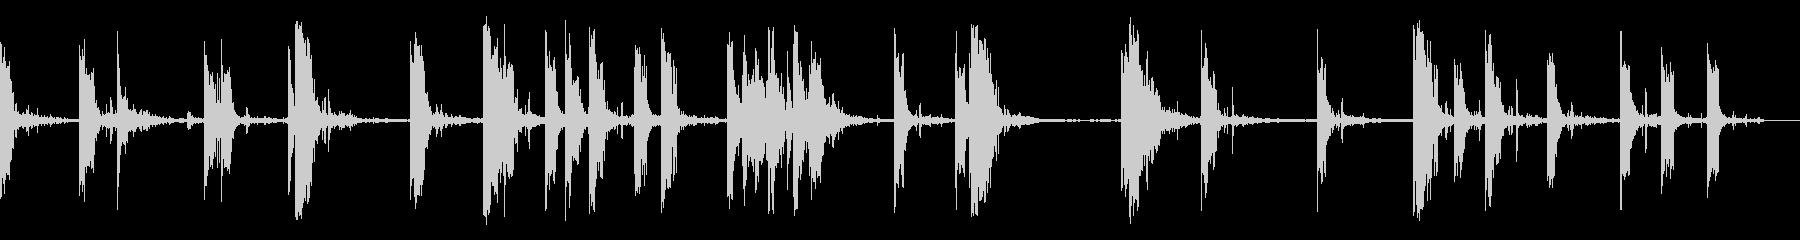 1930年代のハンドガンストリートバトルの未再生の波形